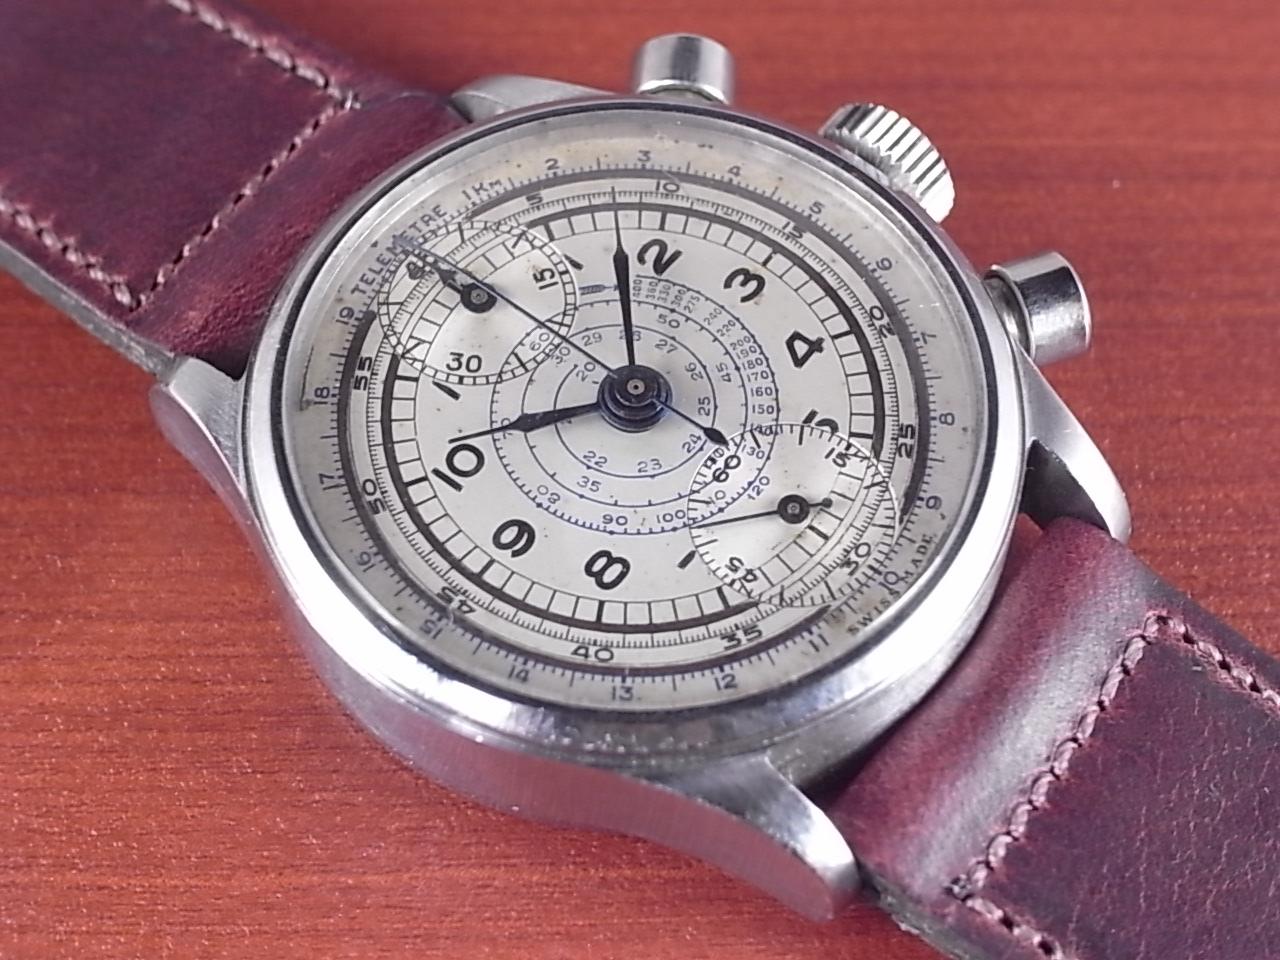 ノーブランド 縦目クロノグラフ ヴィーナス170 ホワイトダイアル 1940年代のメイン写真